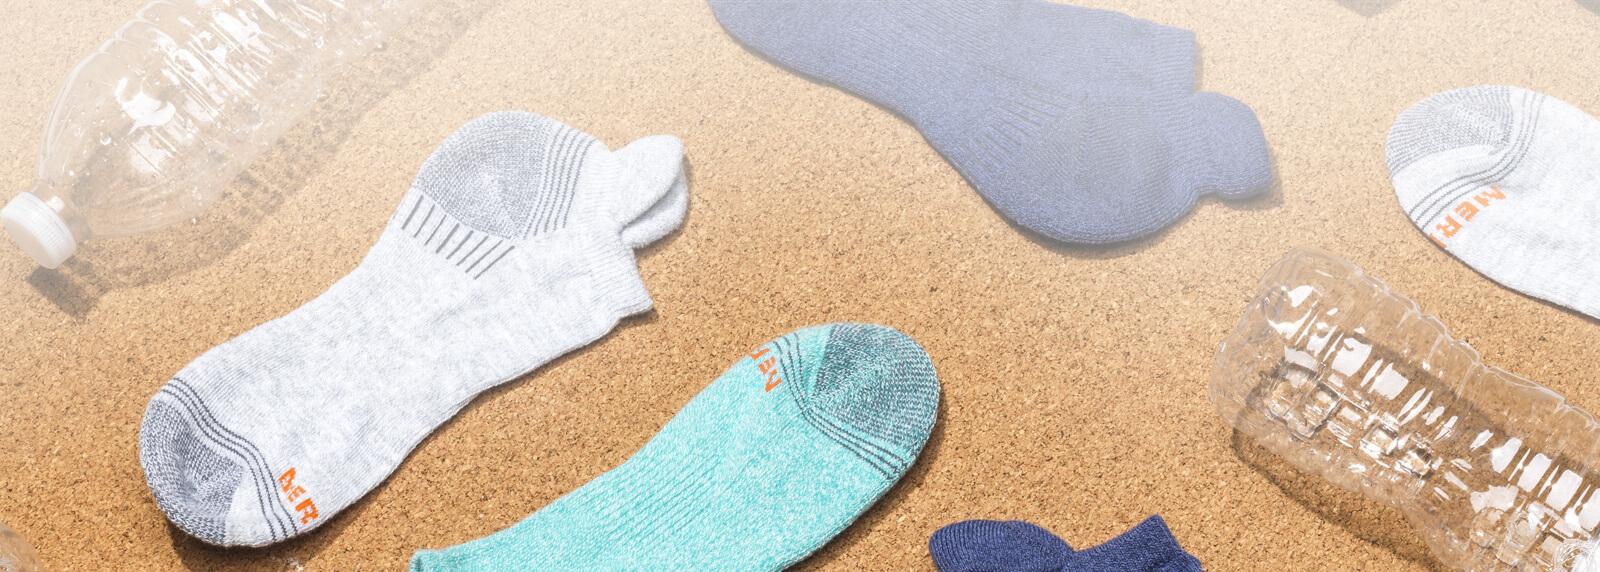 Socks on sand.